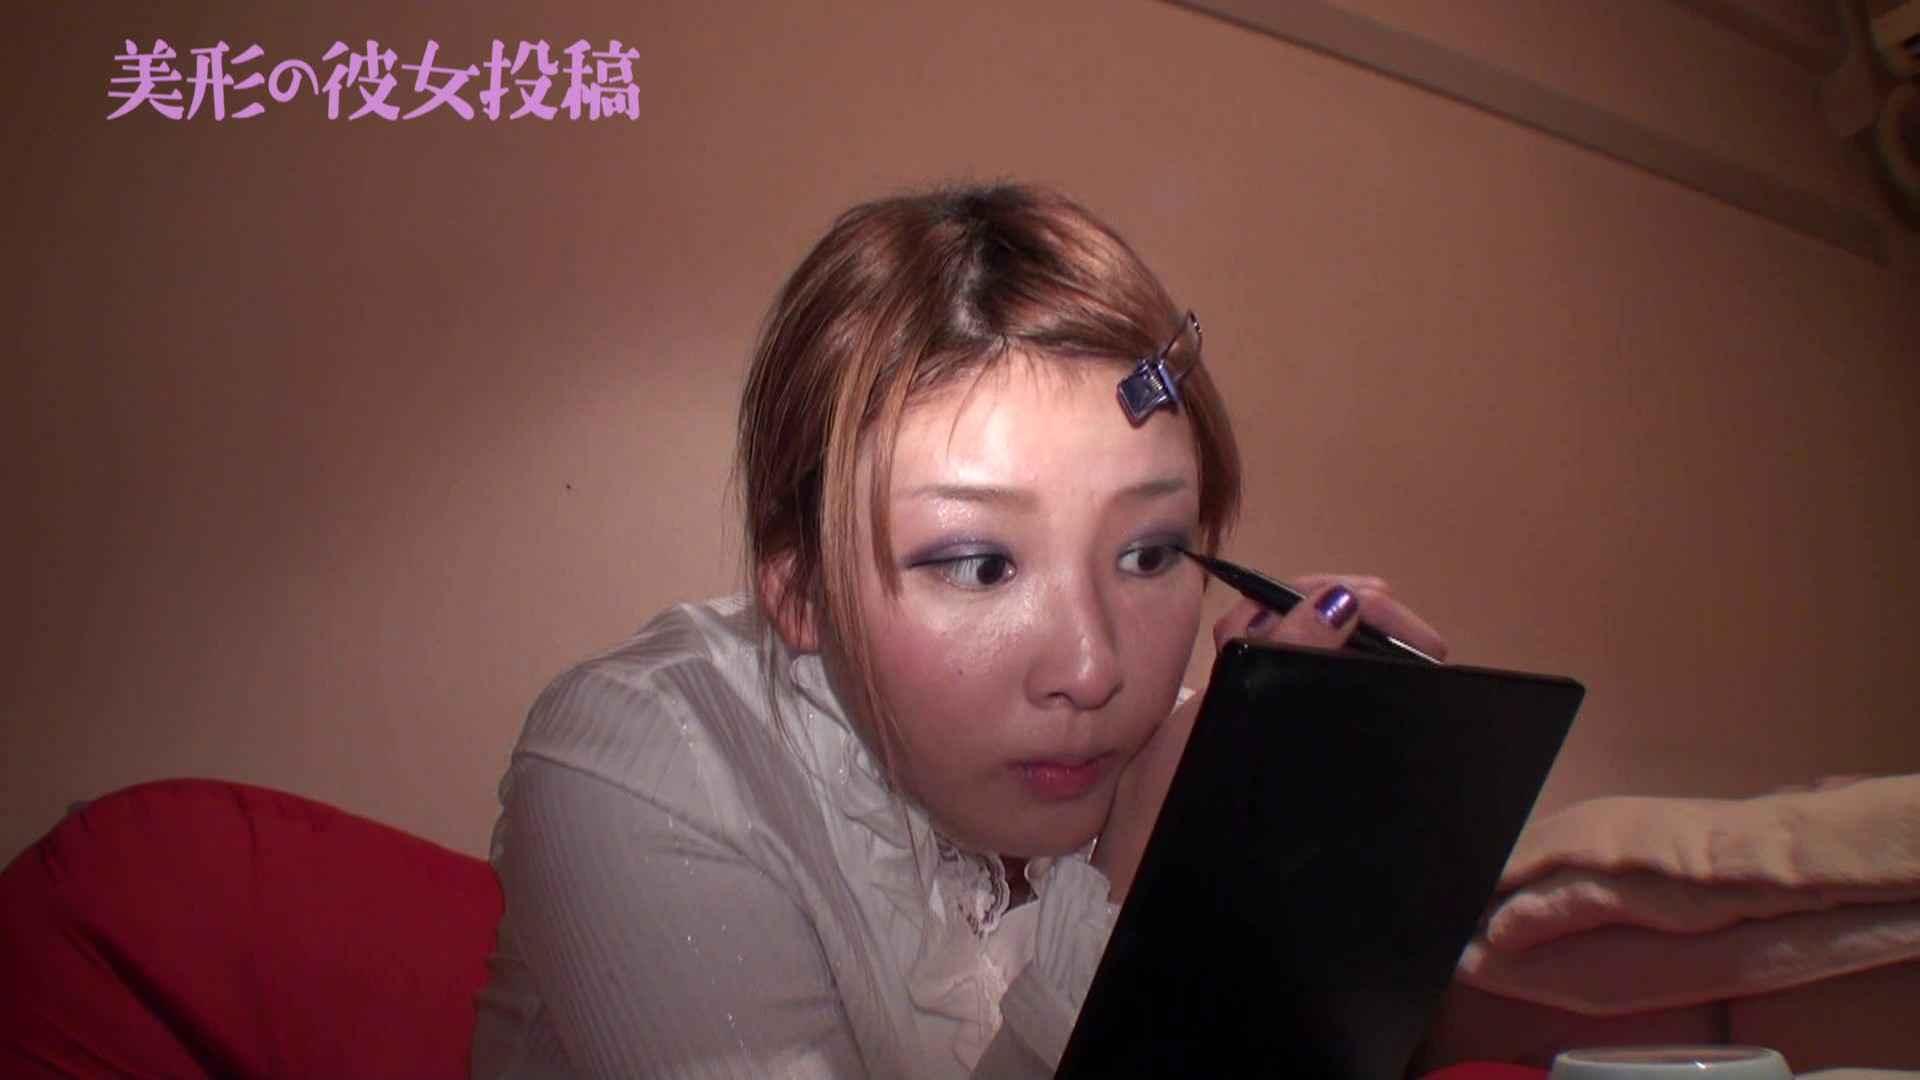 おまんこ丸見え:超美形の彼女を投稿!!:大奥